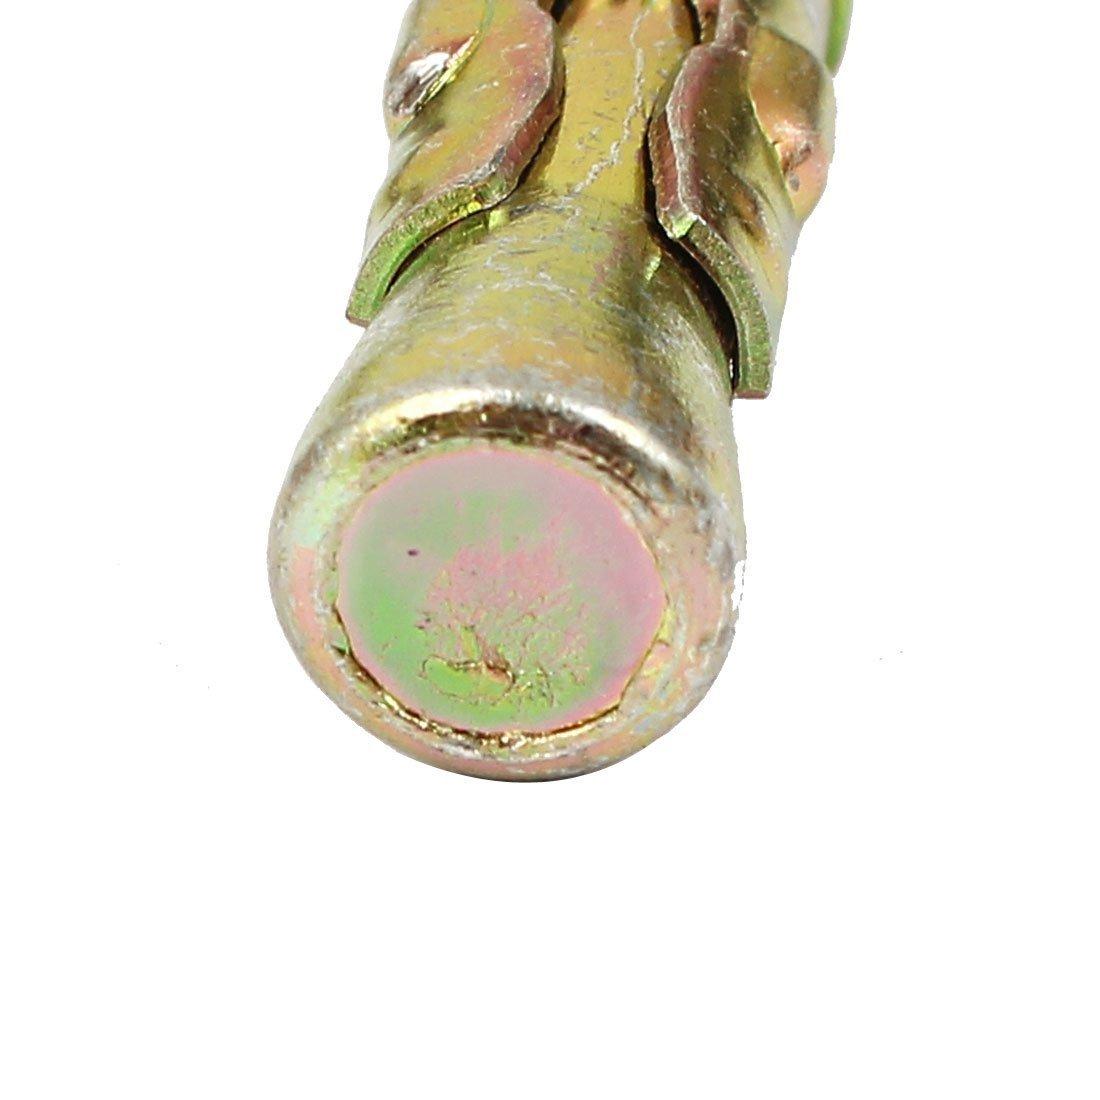 eDealMax boulon d'expansion Ancres Gecko Car Réparation boulons M10x150mm 3pcs